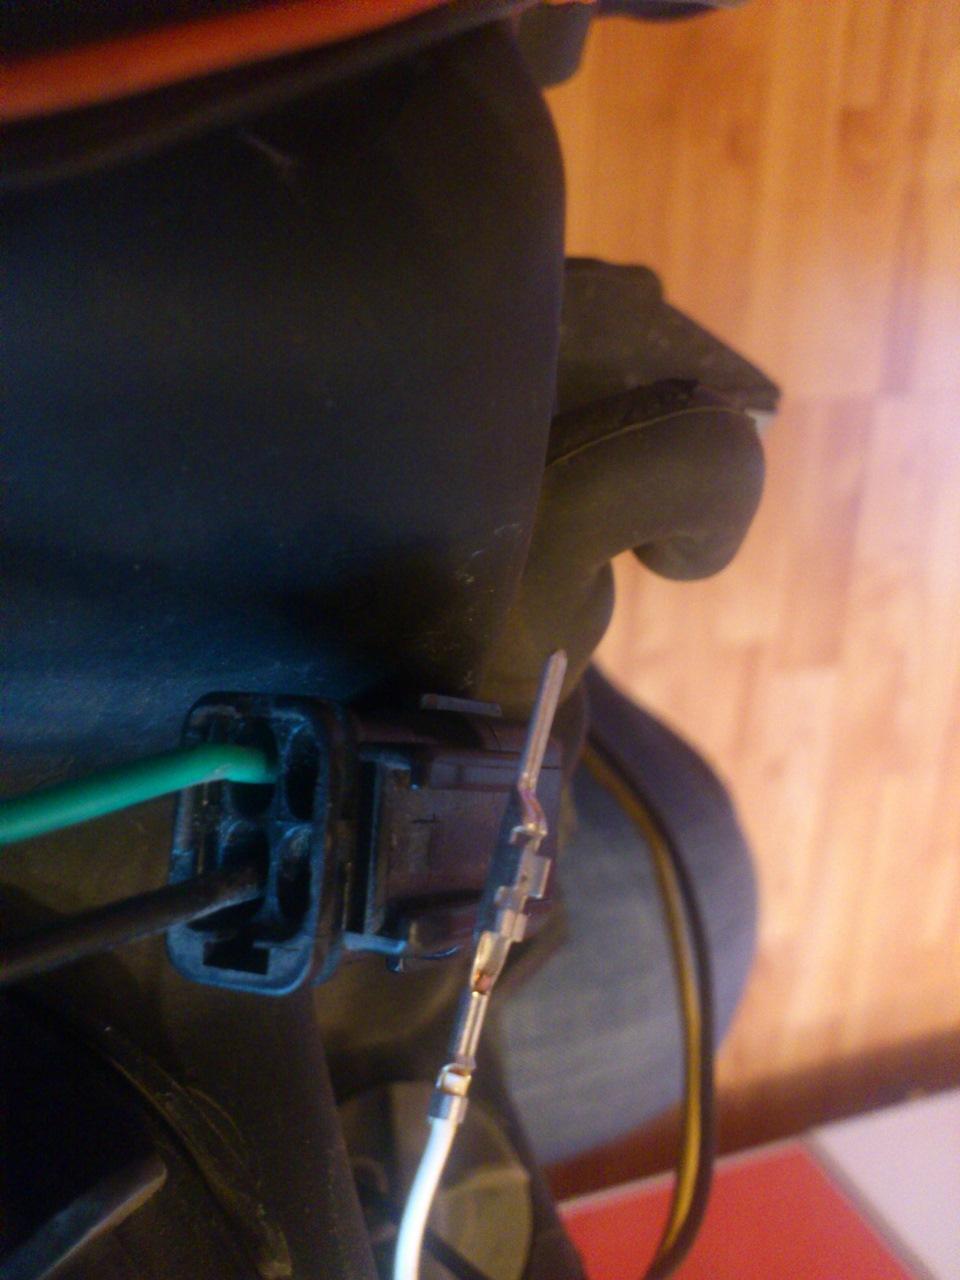 Автокорректор фар - виды и установка корректора своими руками 8